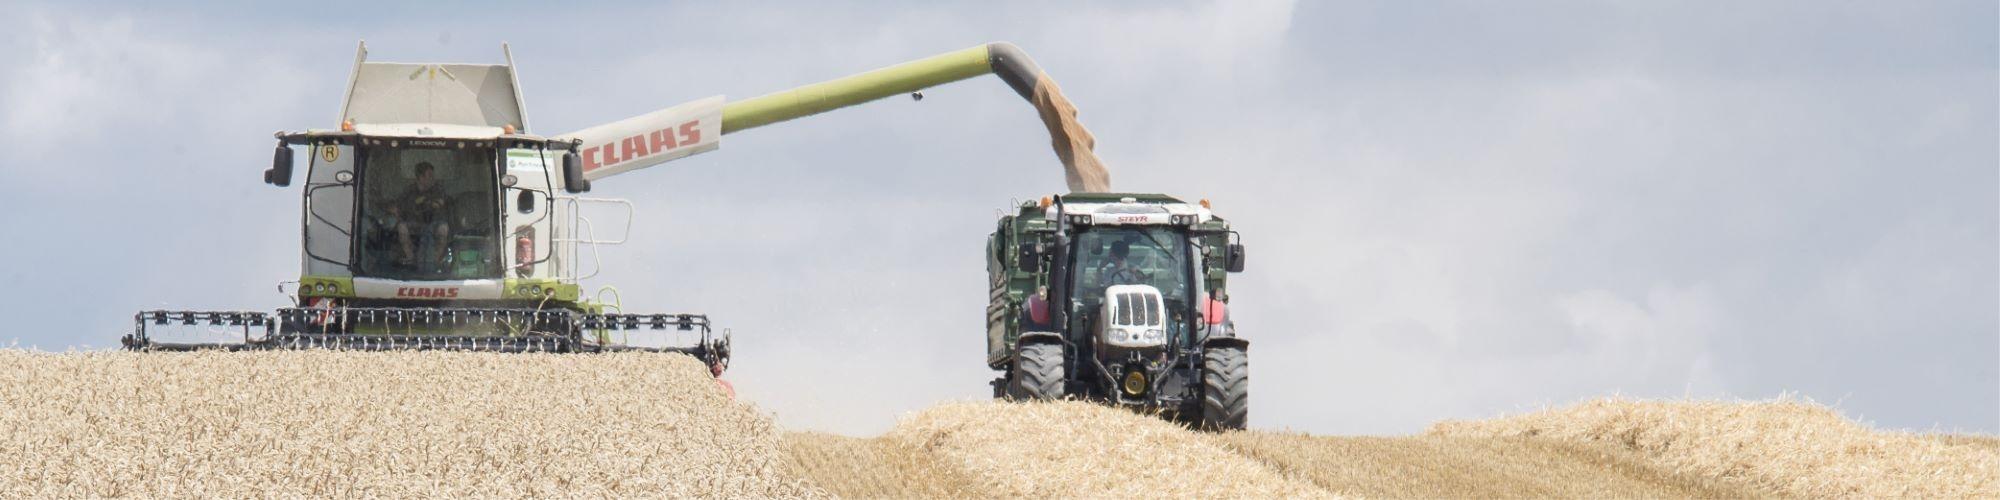 Agrar Dienstleistungen des Maschinenring, im Bild Ernte mit Mähdrescher und Traktor